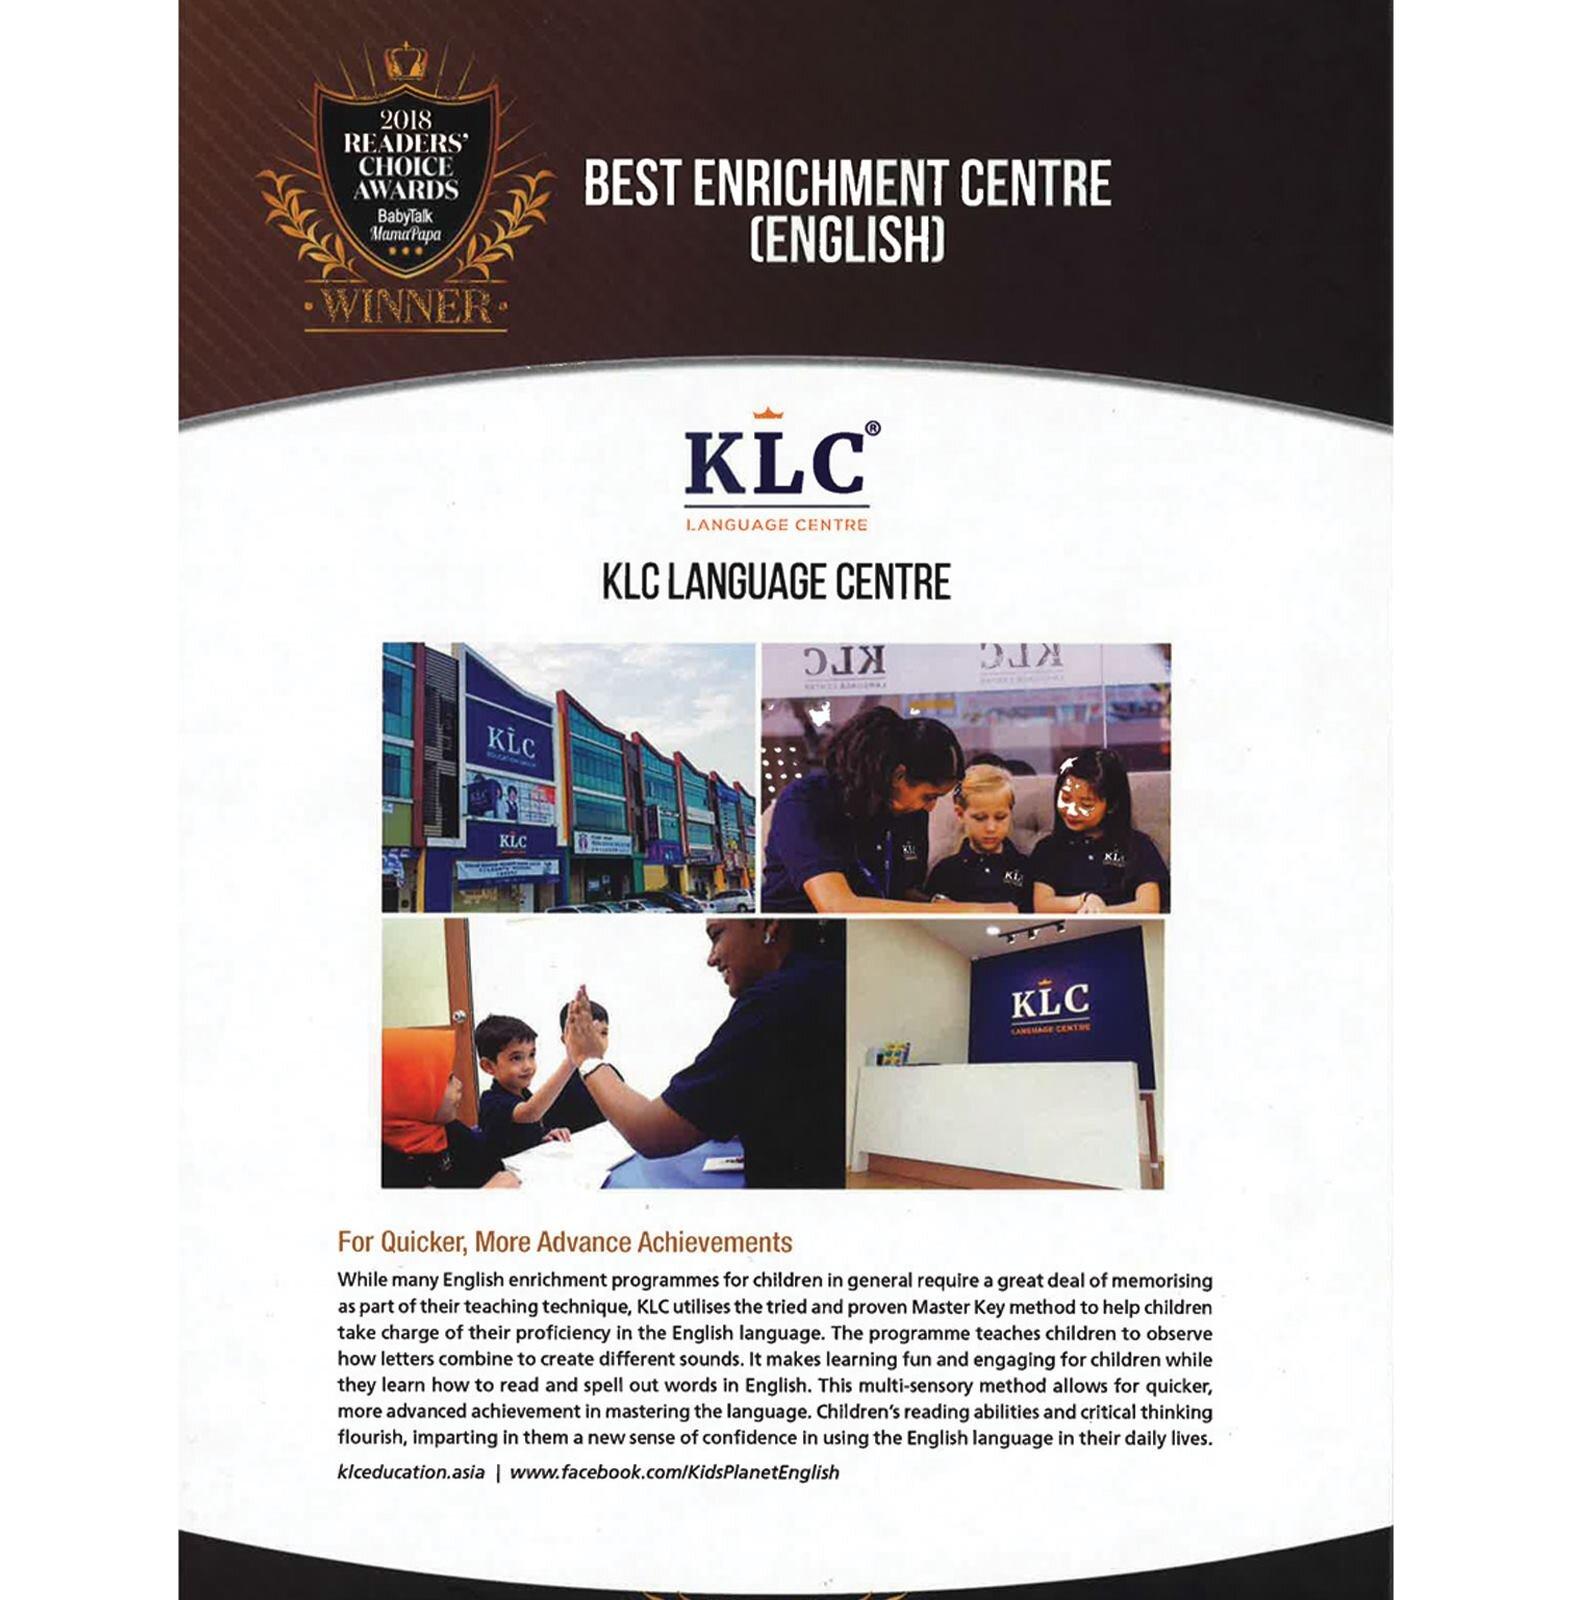 恭贺KLC成为BabyTalk 2018读者票选奖项得主